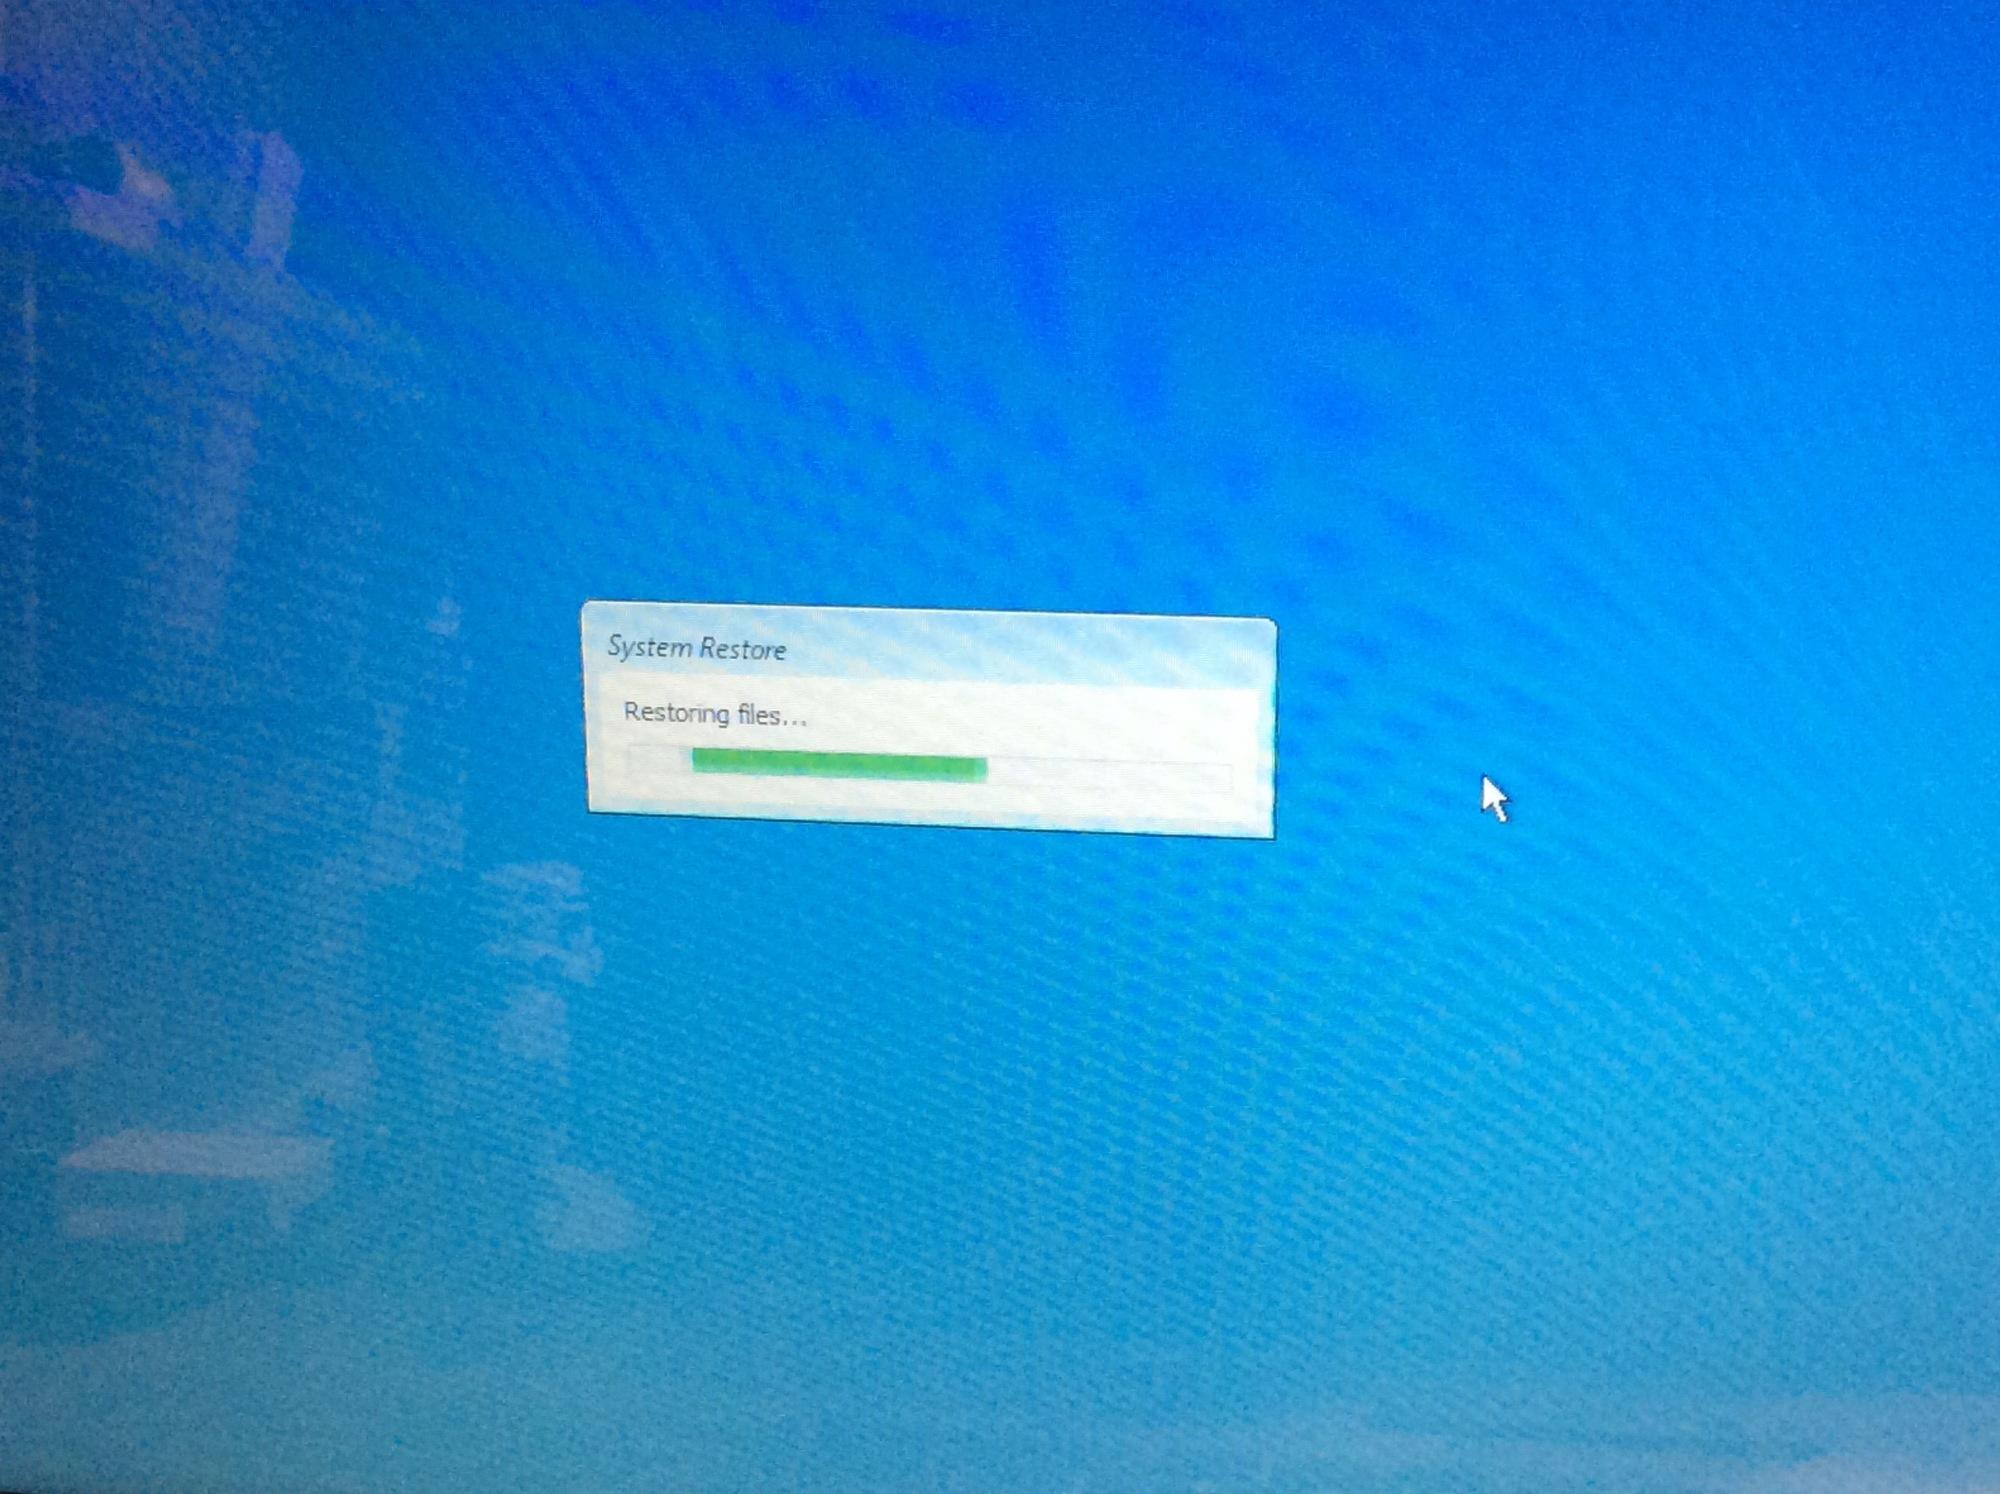 What to do if restore doesn't work? 20489752-cce8-47e1-a6a3-01e09ed67ce3?upload=true.jpg